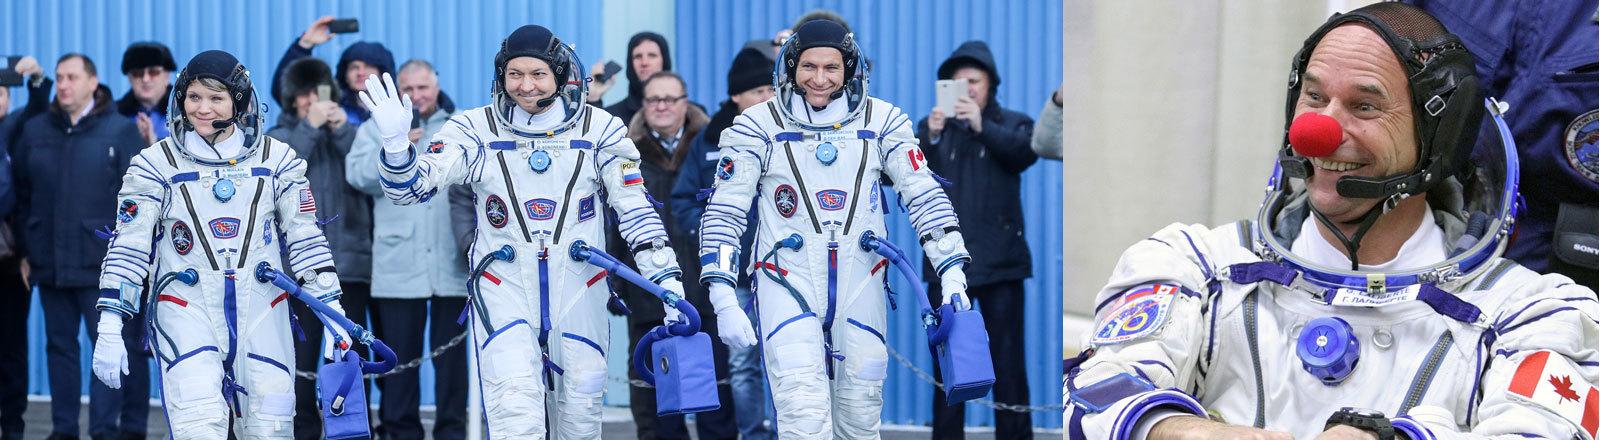 Astronauten vor einer Mission.